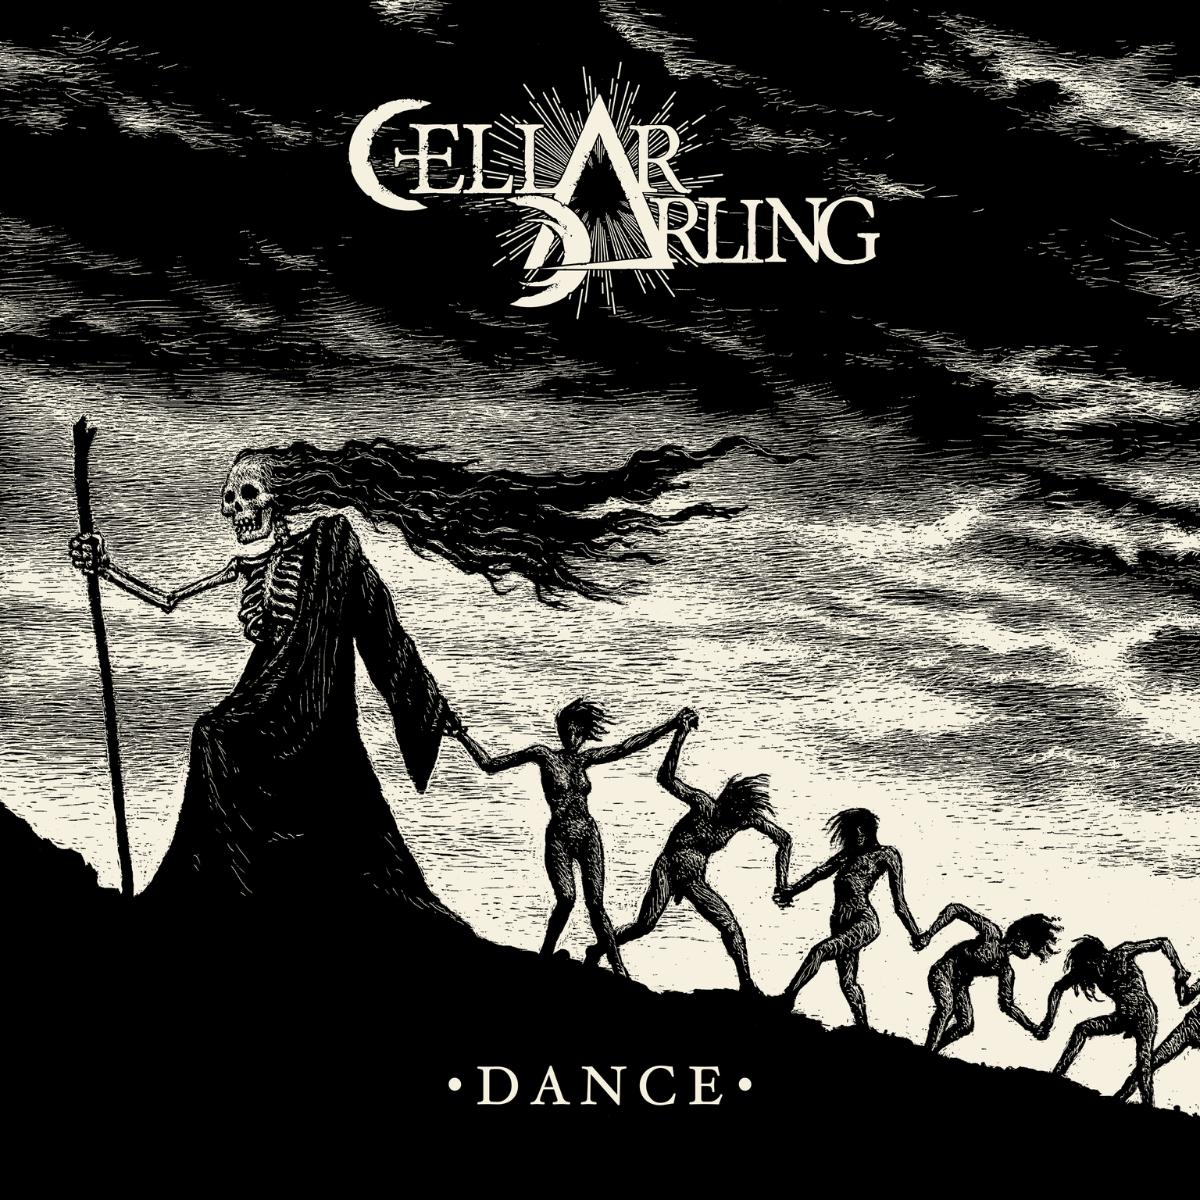 CELLAR DARLING - pubblicano il nuovo singolo 'DANCE'